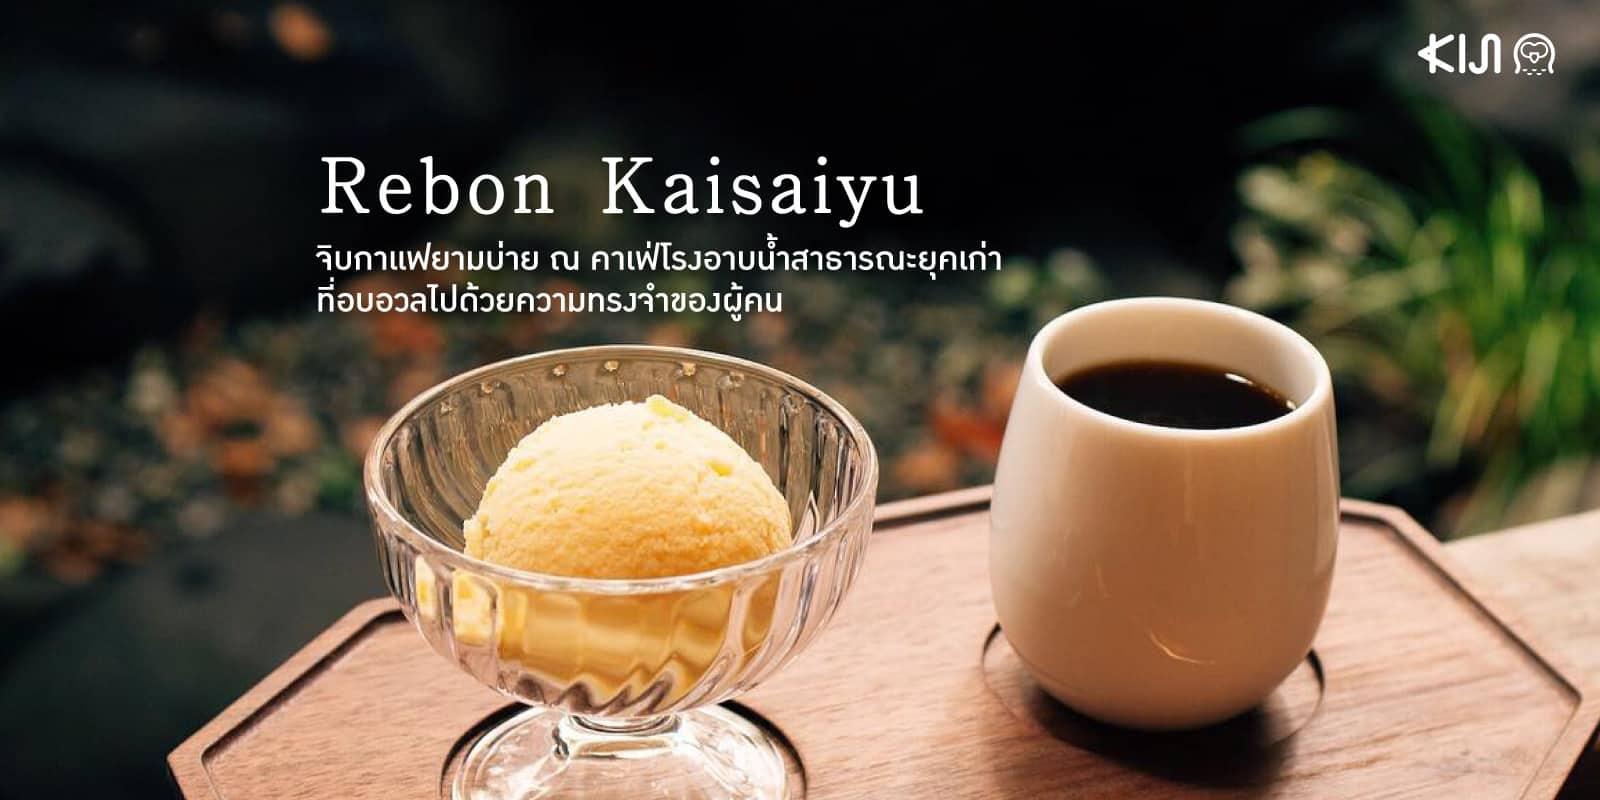 คาเฟ่โตเกียว Rebon Kaisaiyu